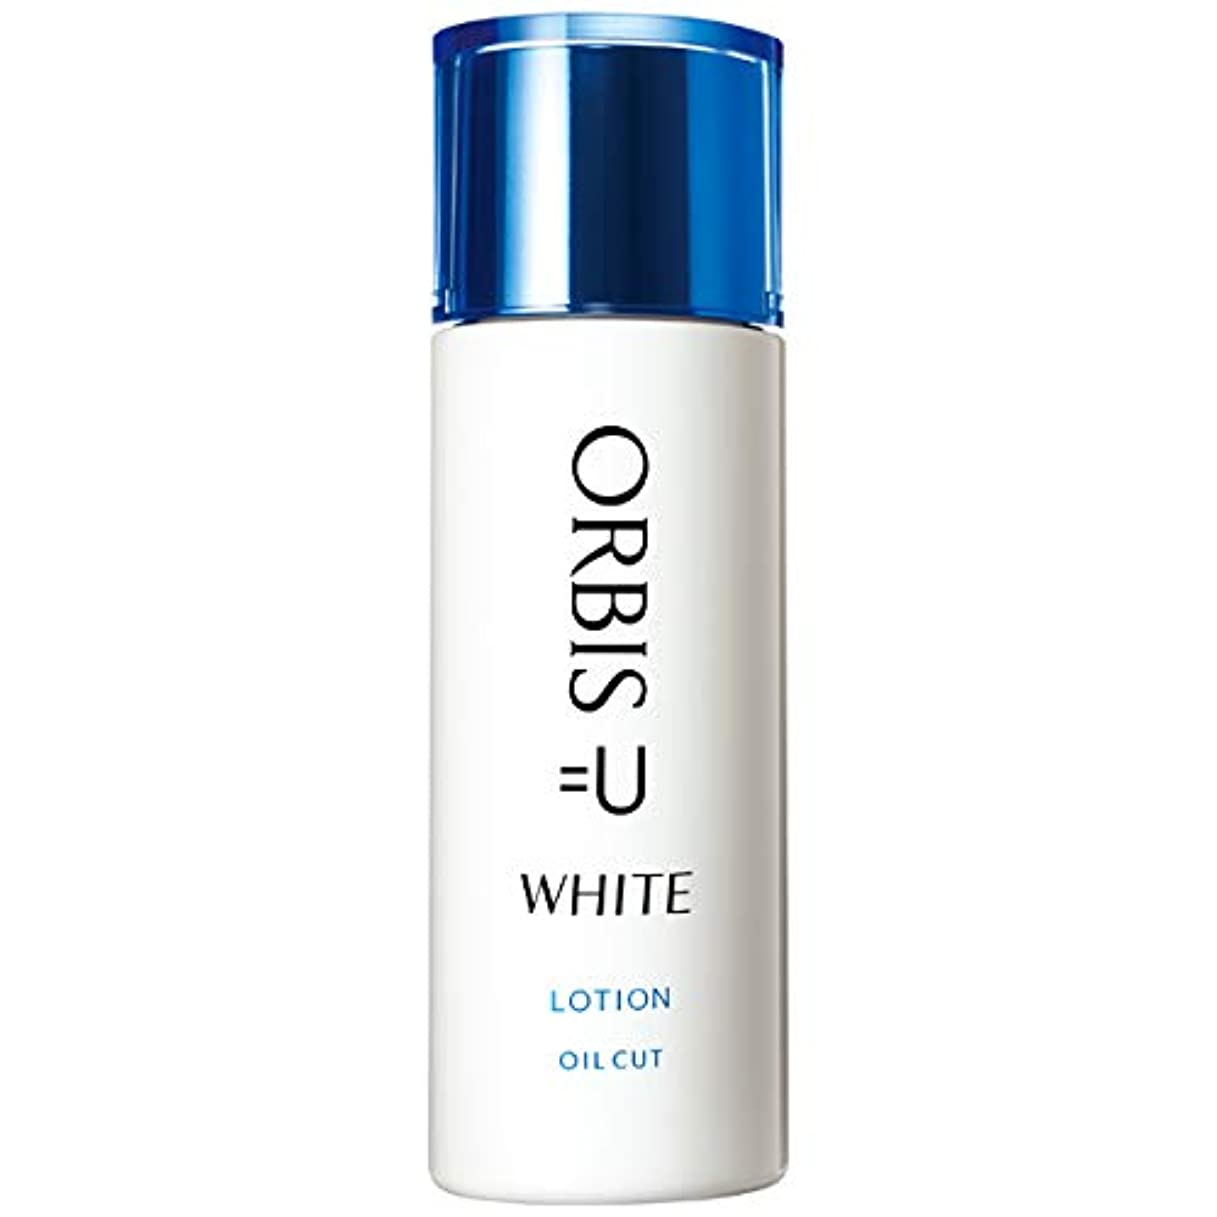 戻す復活する曇ったオルビス(ORBIS) オルビスユー ホワイト ローション 180mL 化粧水 [医薬部外品]